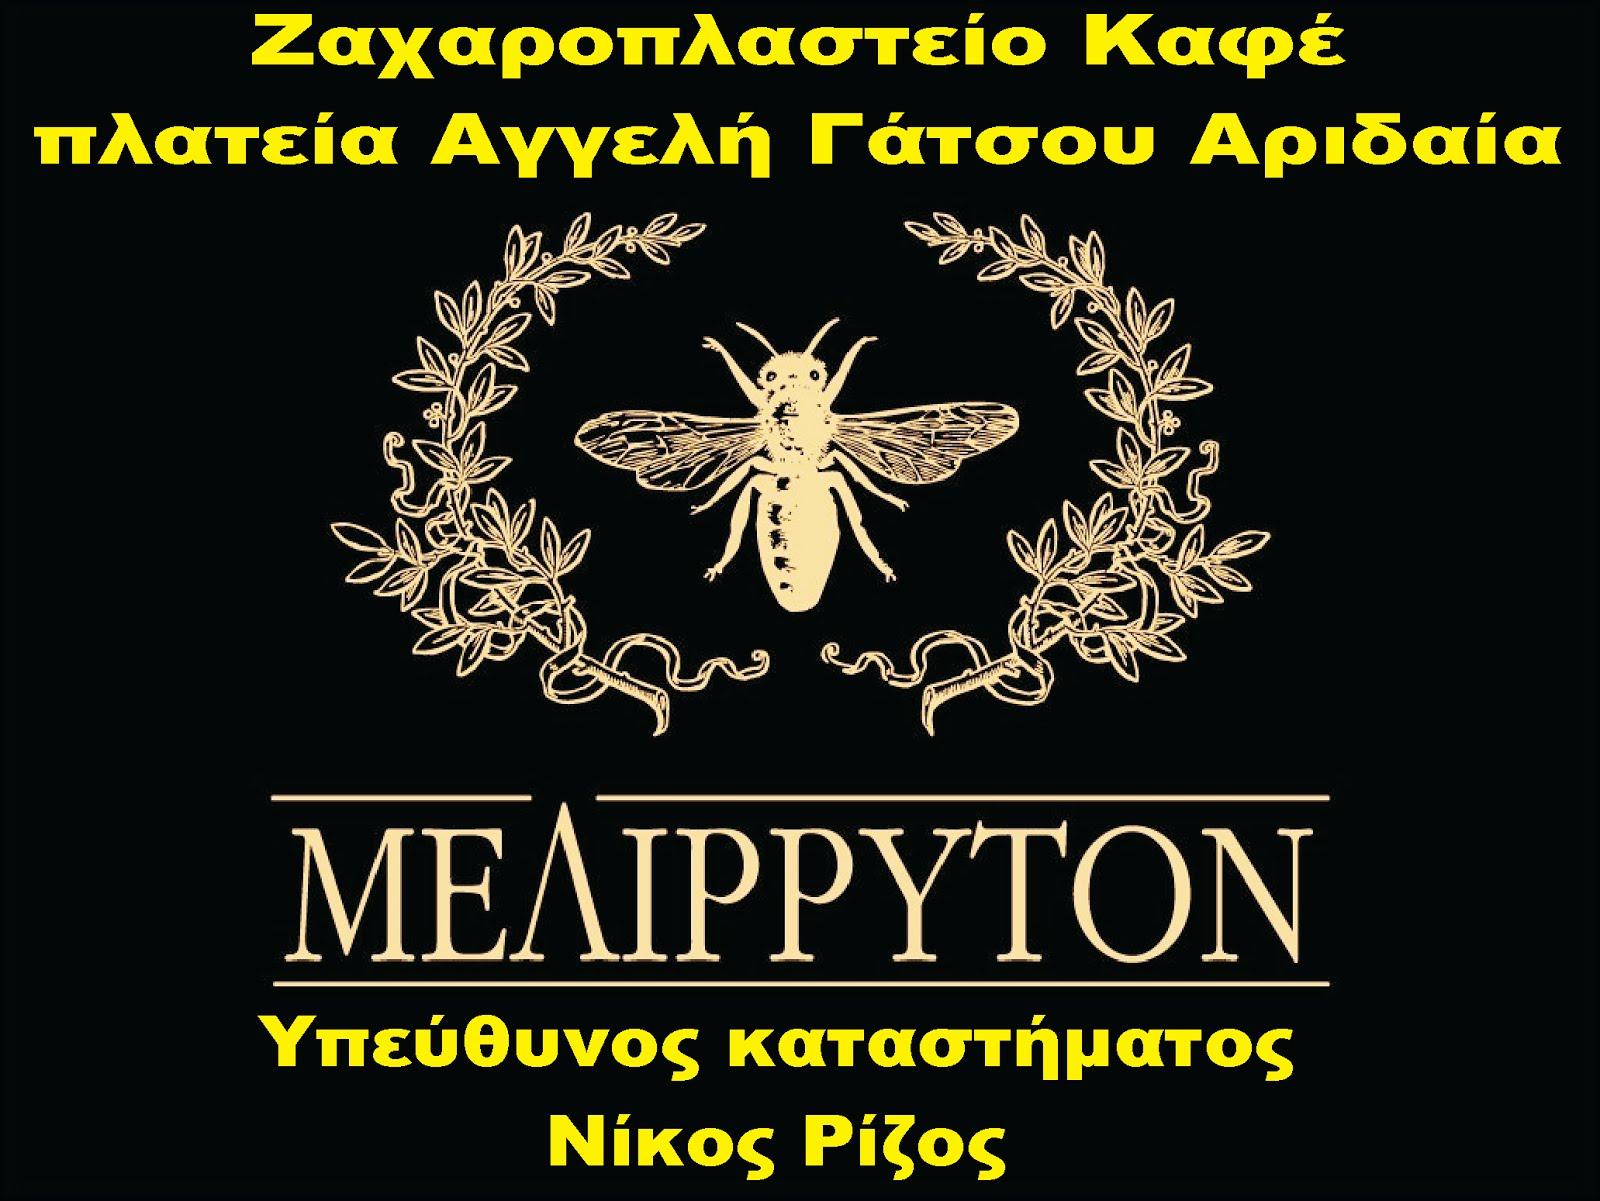 ΜΕΛΙΡΡΥΤΟΝ